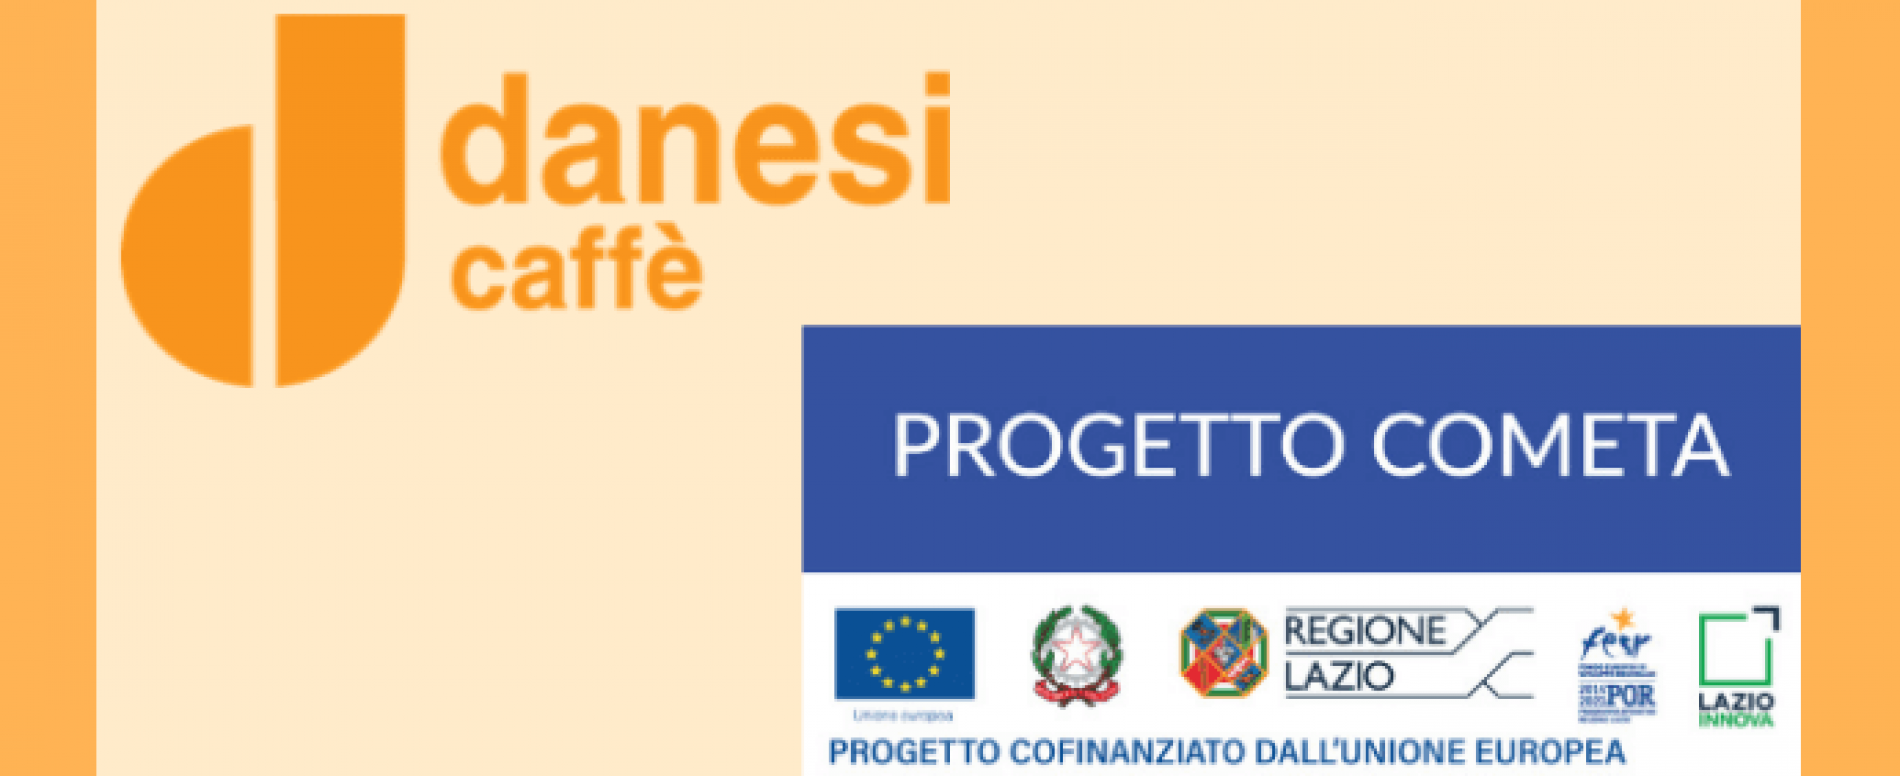 Caffè Danesi ed ENEA. Nuove tecnologie per migliorare la qualità del caffè